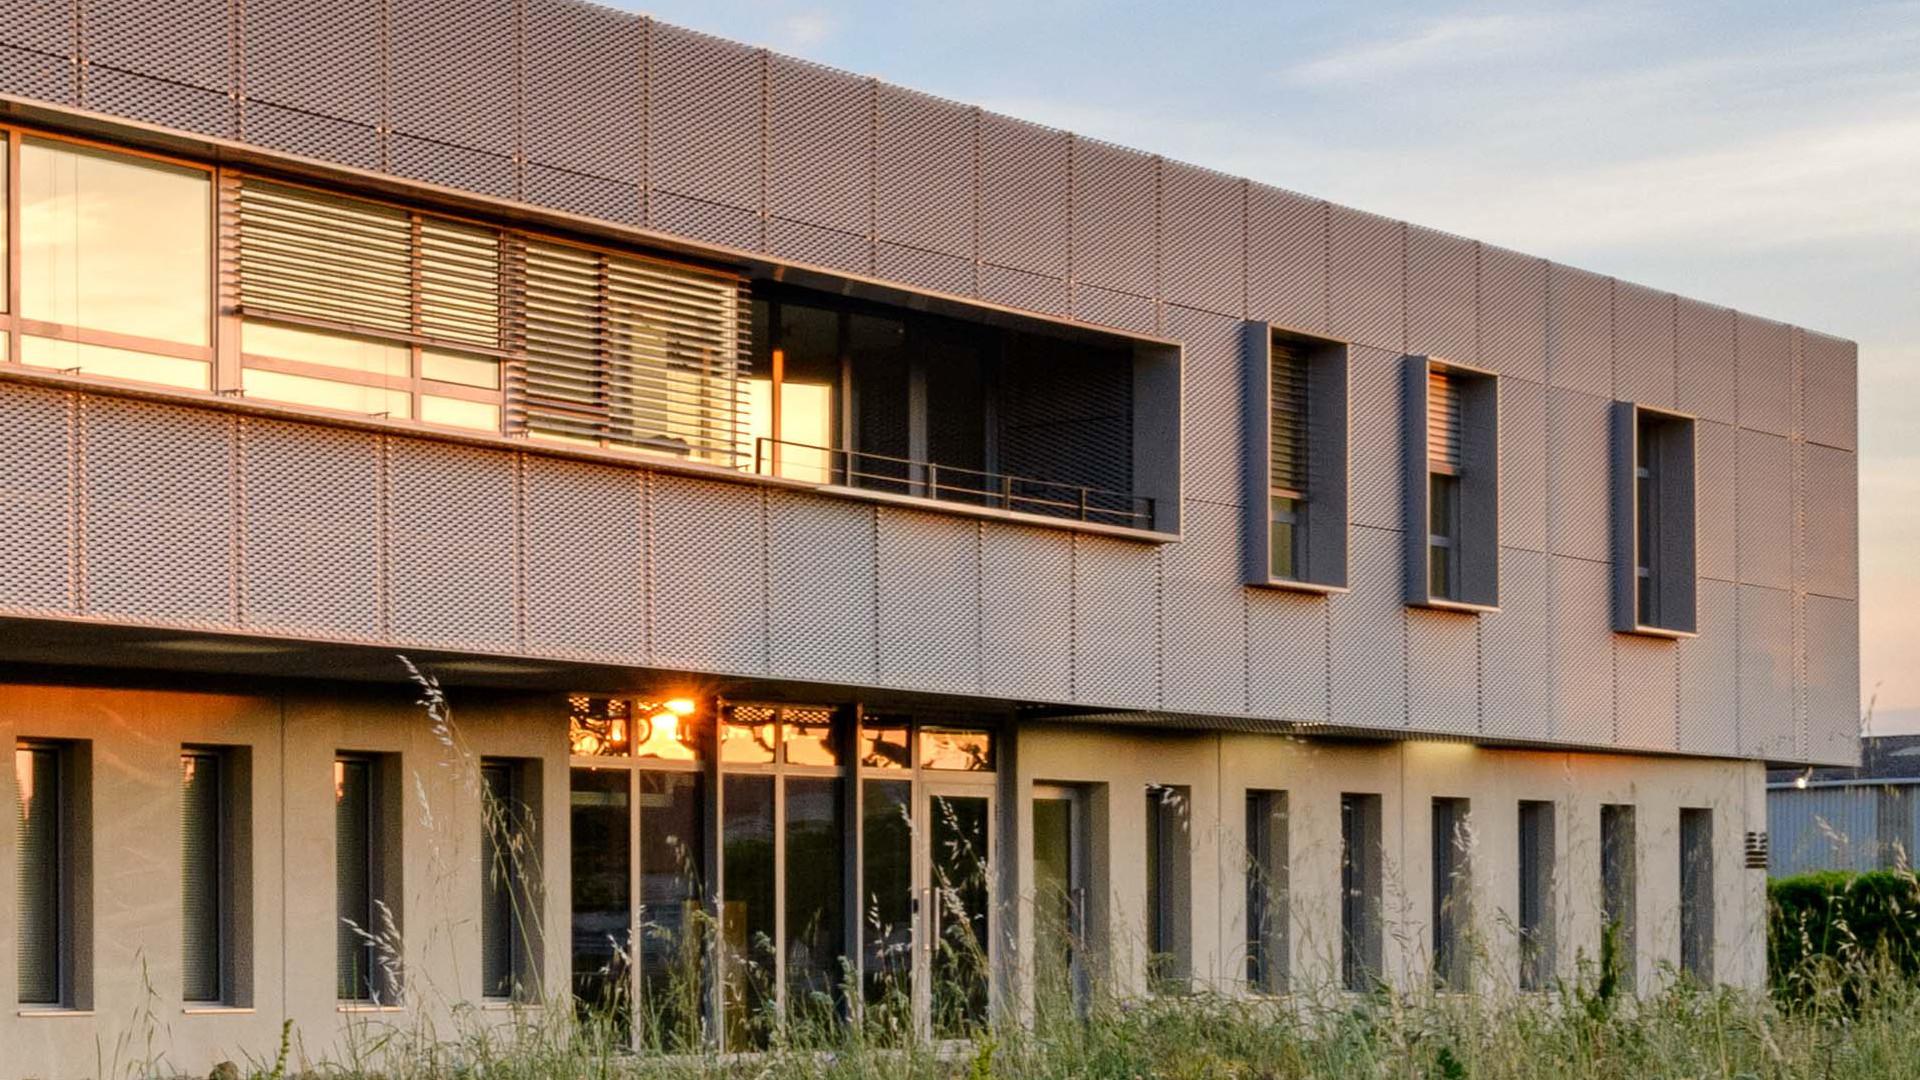 Seuil-architecture-solutea-detail-facade-exterieur-2